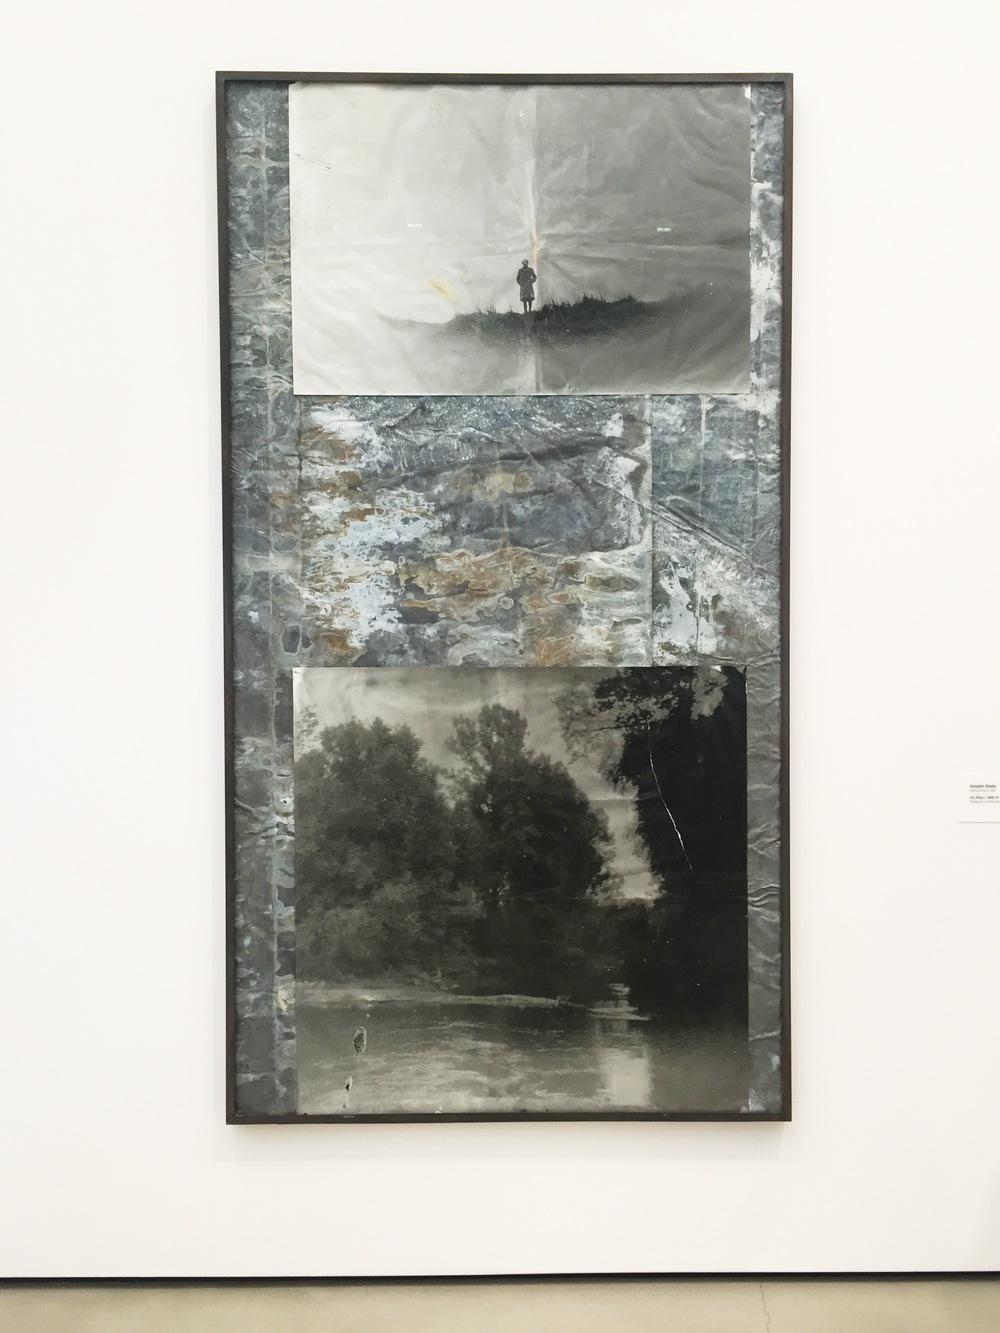 Anselm Kiefer, Am Rhein, 1968-91